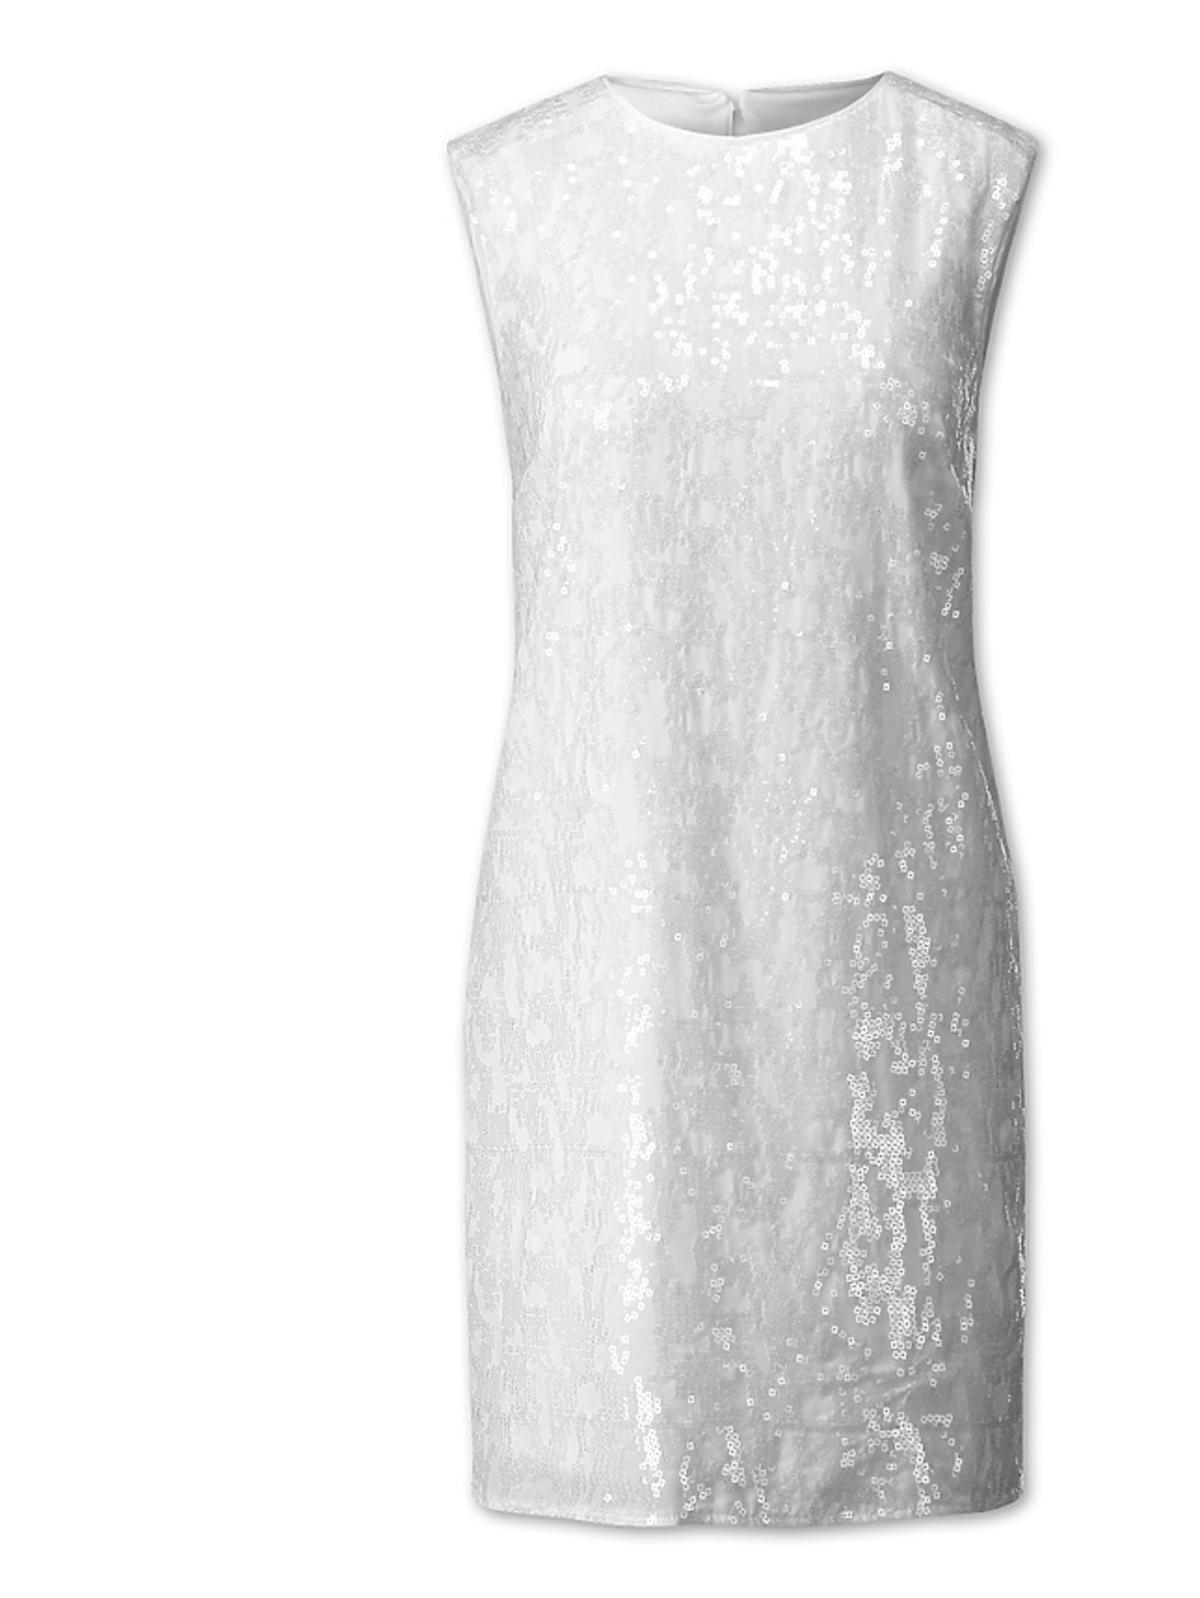 Cekinowa sukienka, C&A, przeceniona z 179,00 zł na 125,30 zł